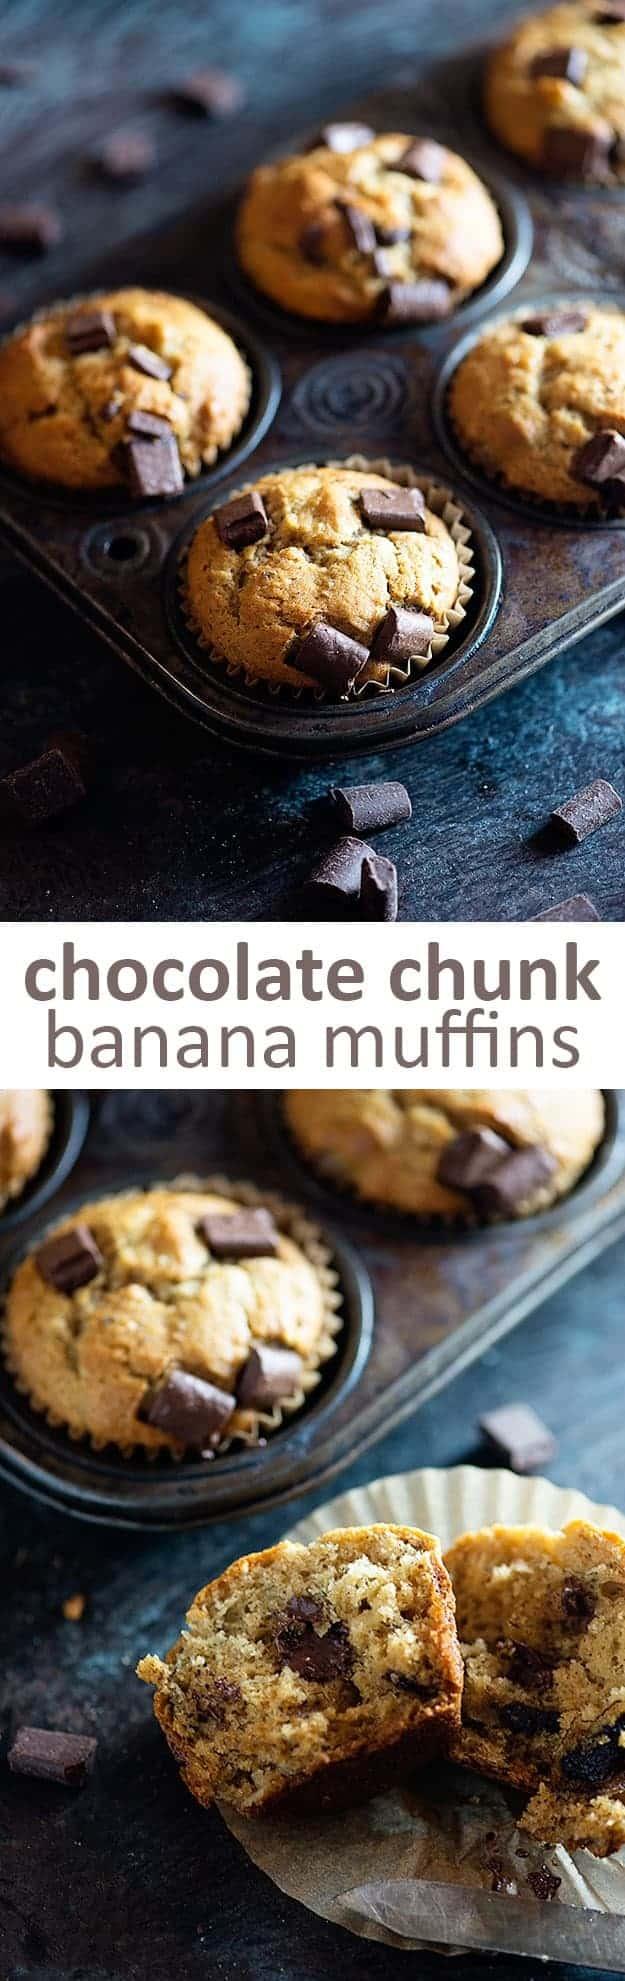 chocolate chunk banana muffins in muffin tin